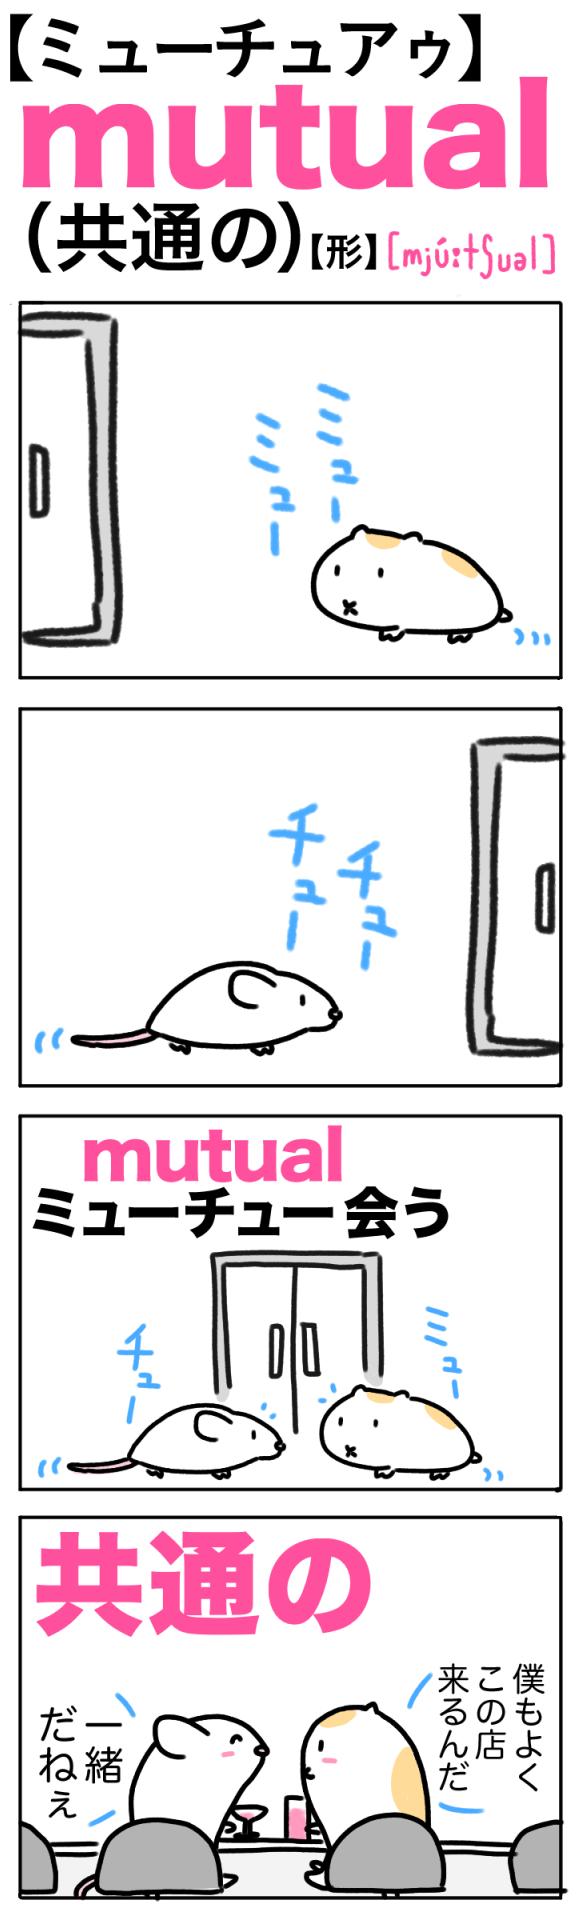 mutual(共通の)の語呂合わせ英単語